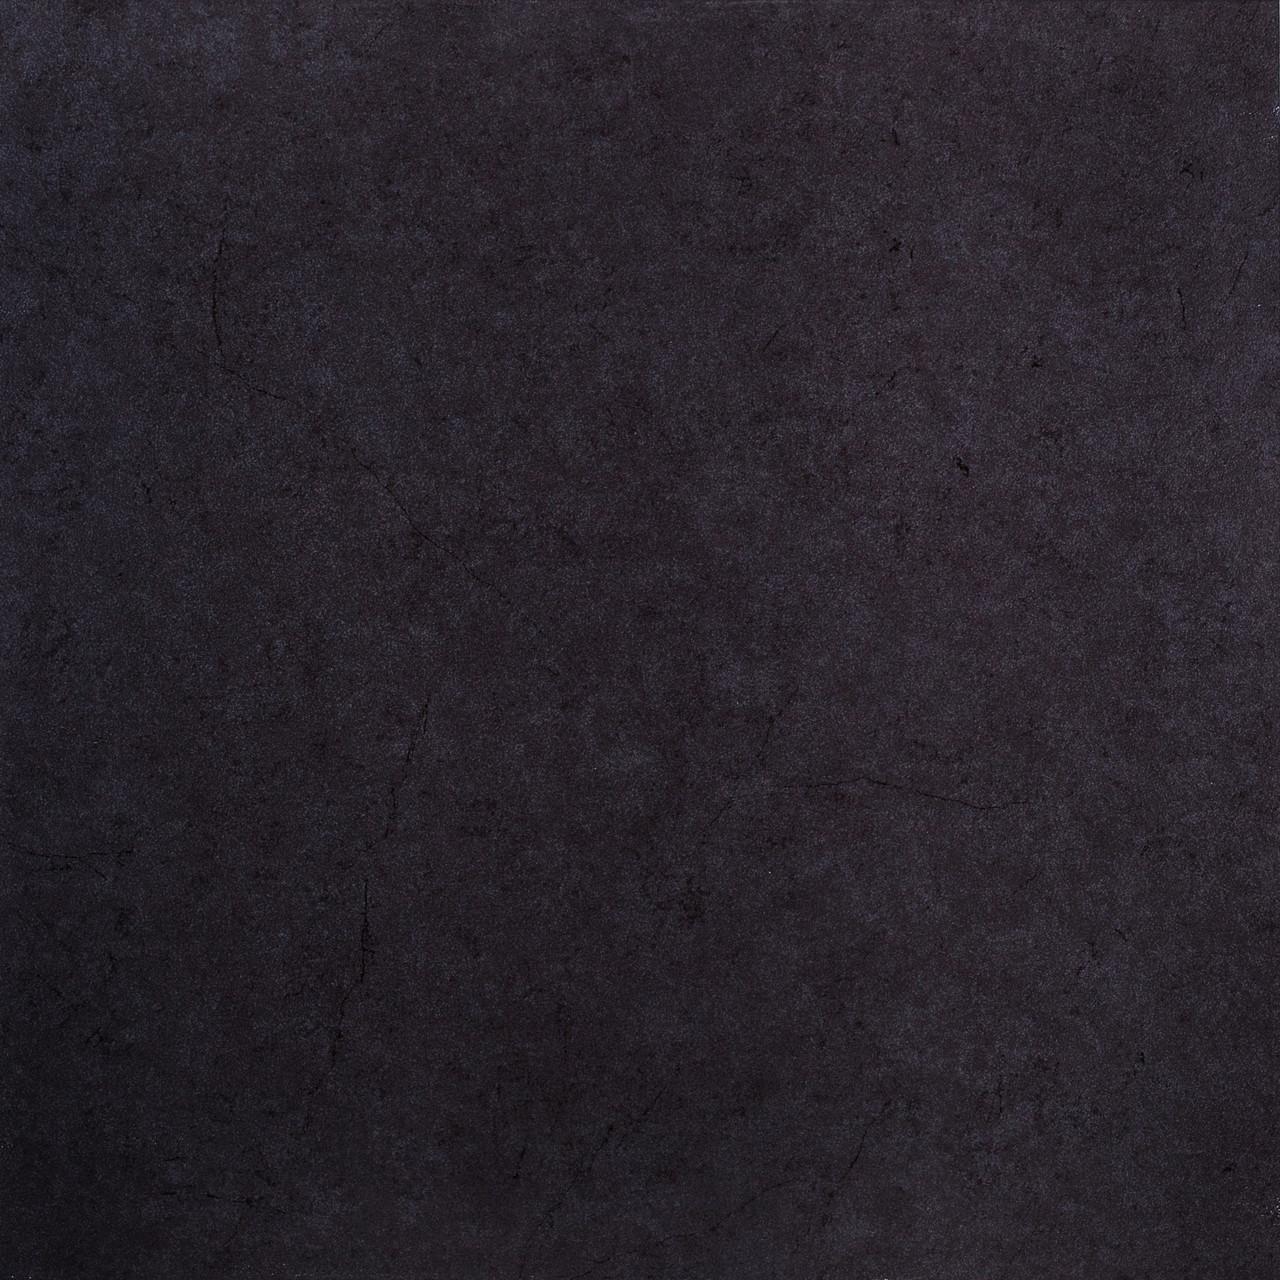 Керамогранит лапатированый чёрный 60х60